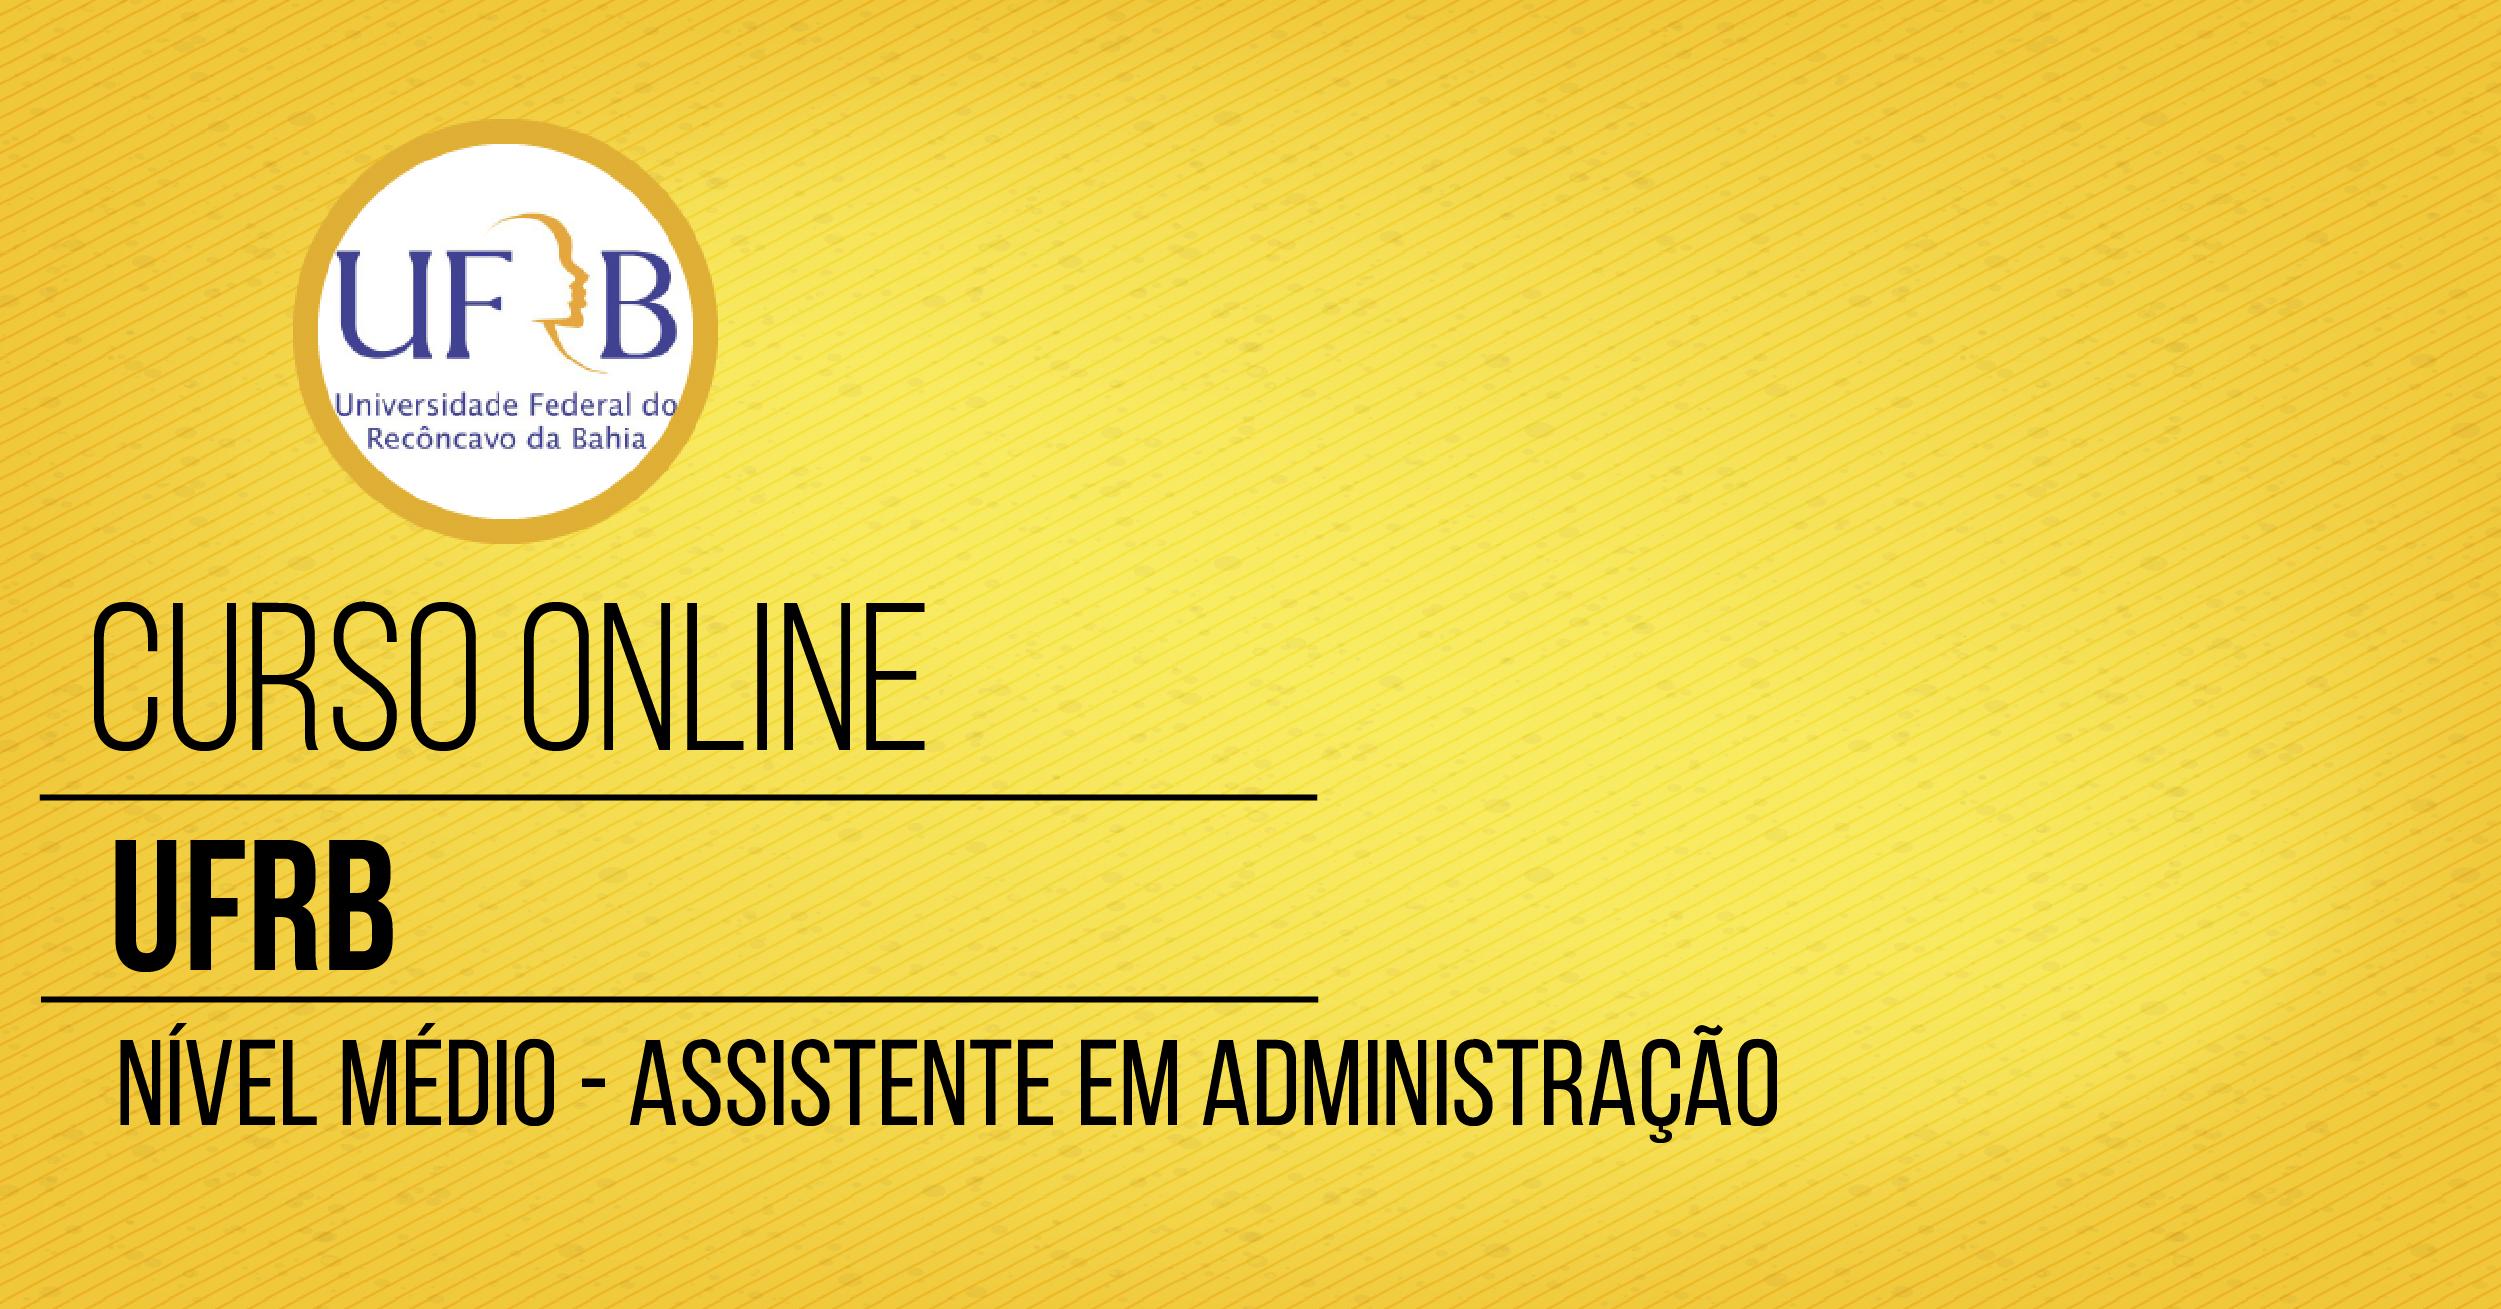 Curso - Universidade Federal do Recôncavo da Bahia - UFRB - Assistente em Administração